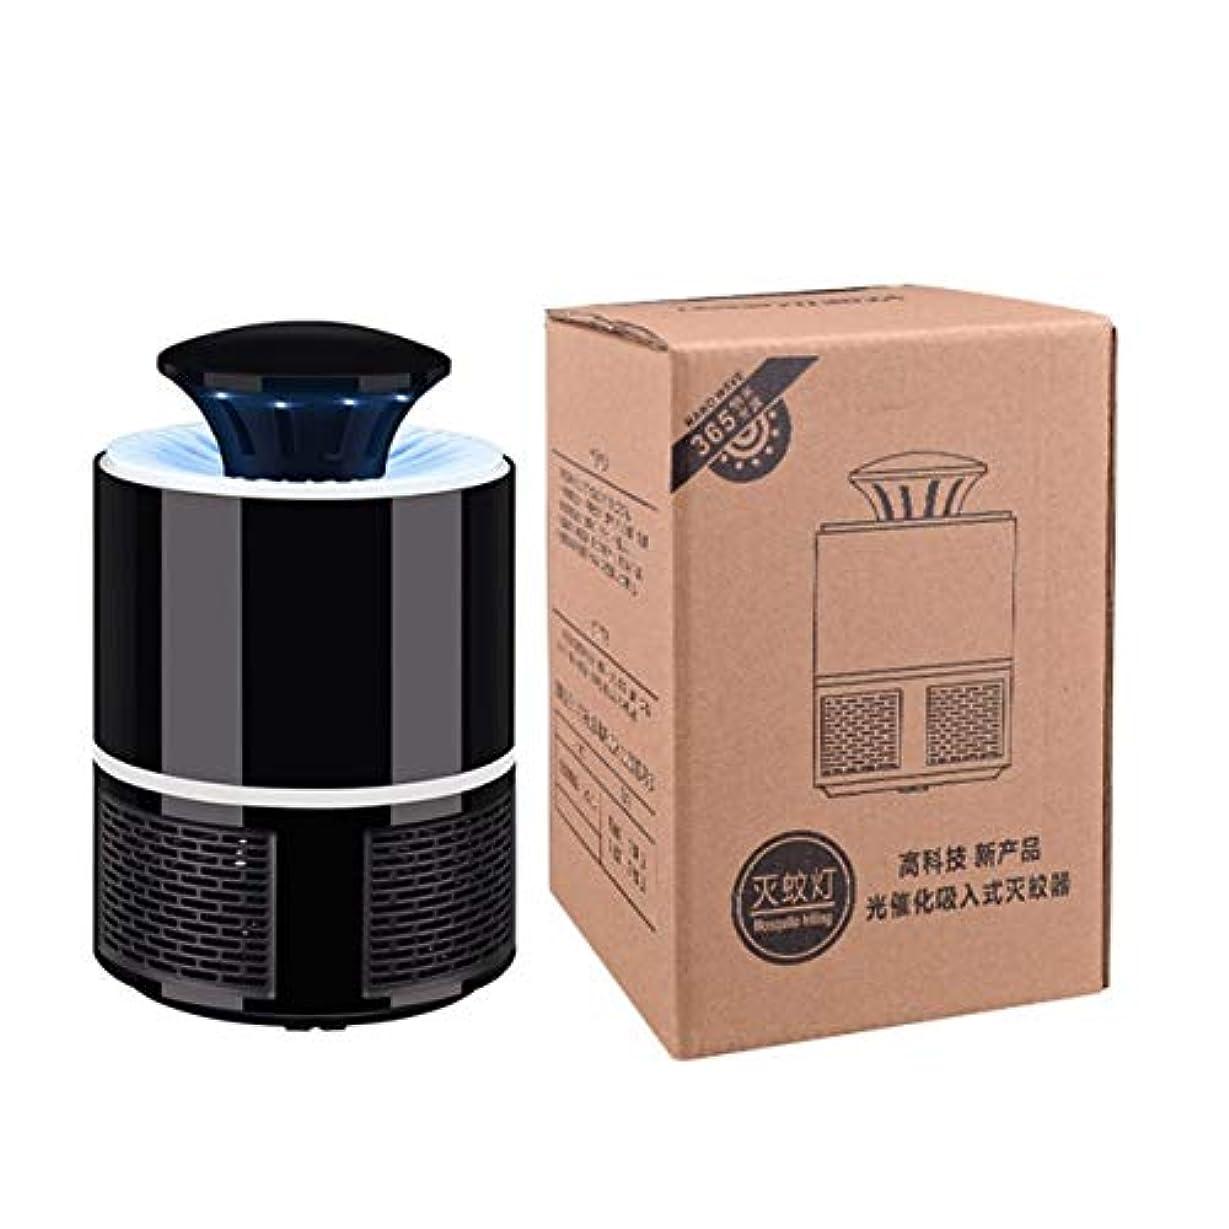 勤勉な観光に行く昼寝Saikogoods USB無放射電子モスキートキラーライトランプ家庭の使用は USBモスキートトラップバグ昆虫ザッパーLEDライト 黒